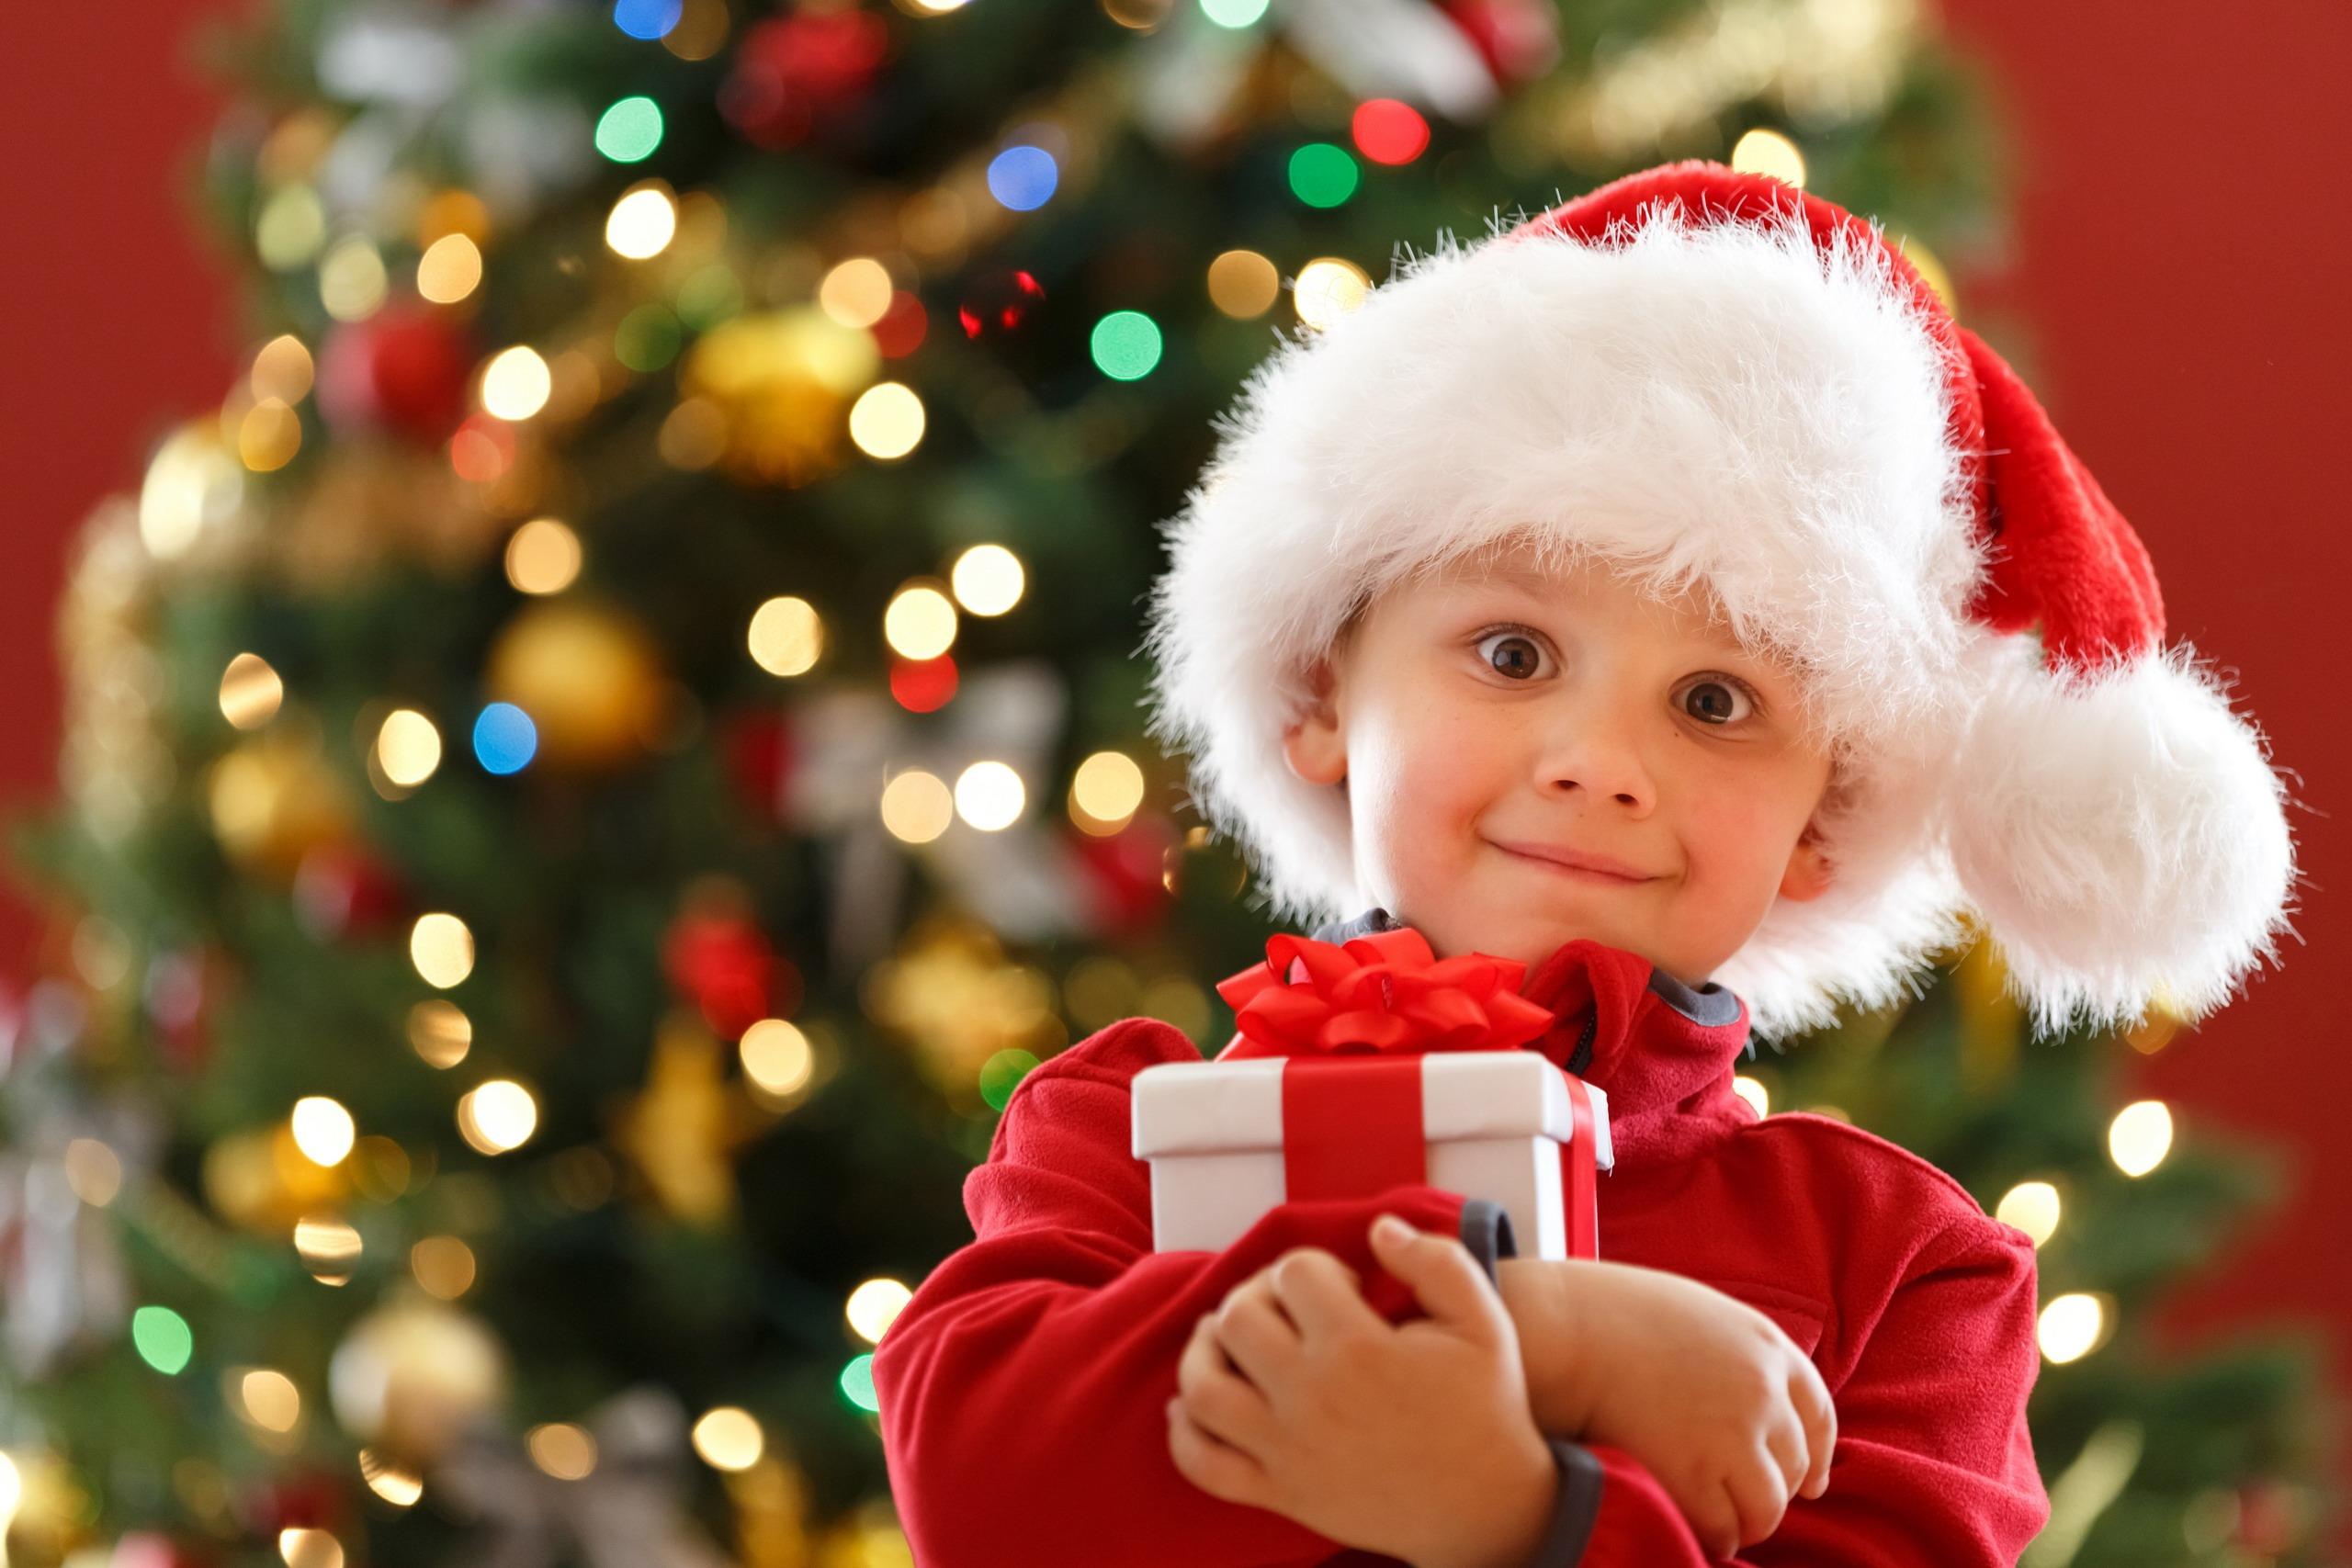 Харьковский нардеп в Новый год хочет увидеть родного сына